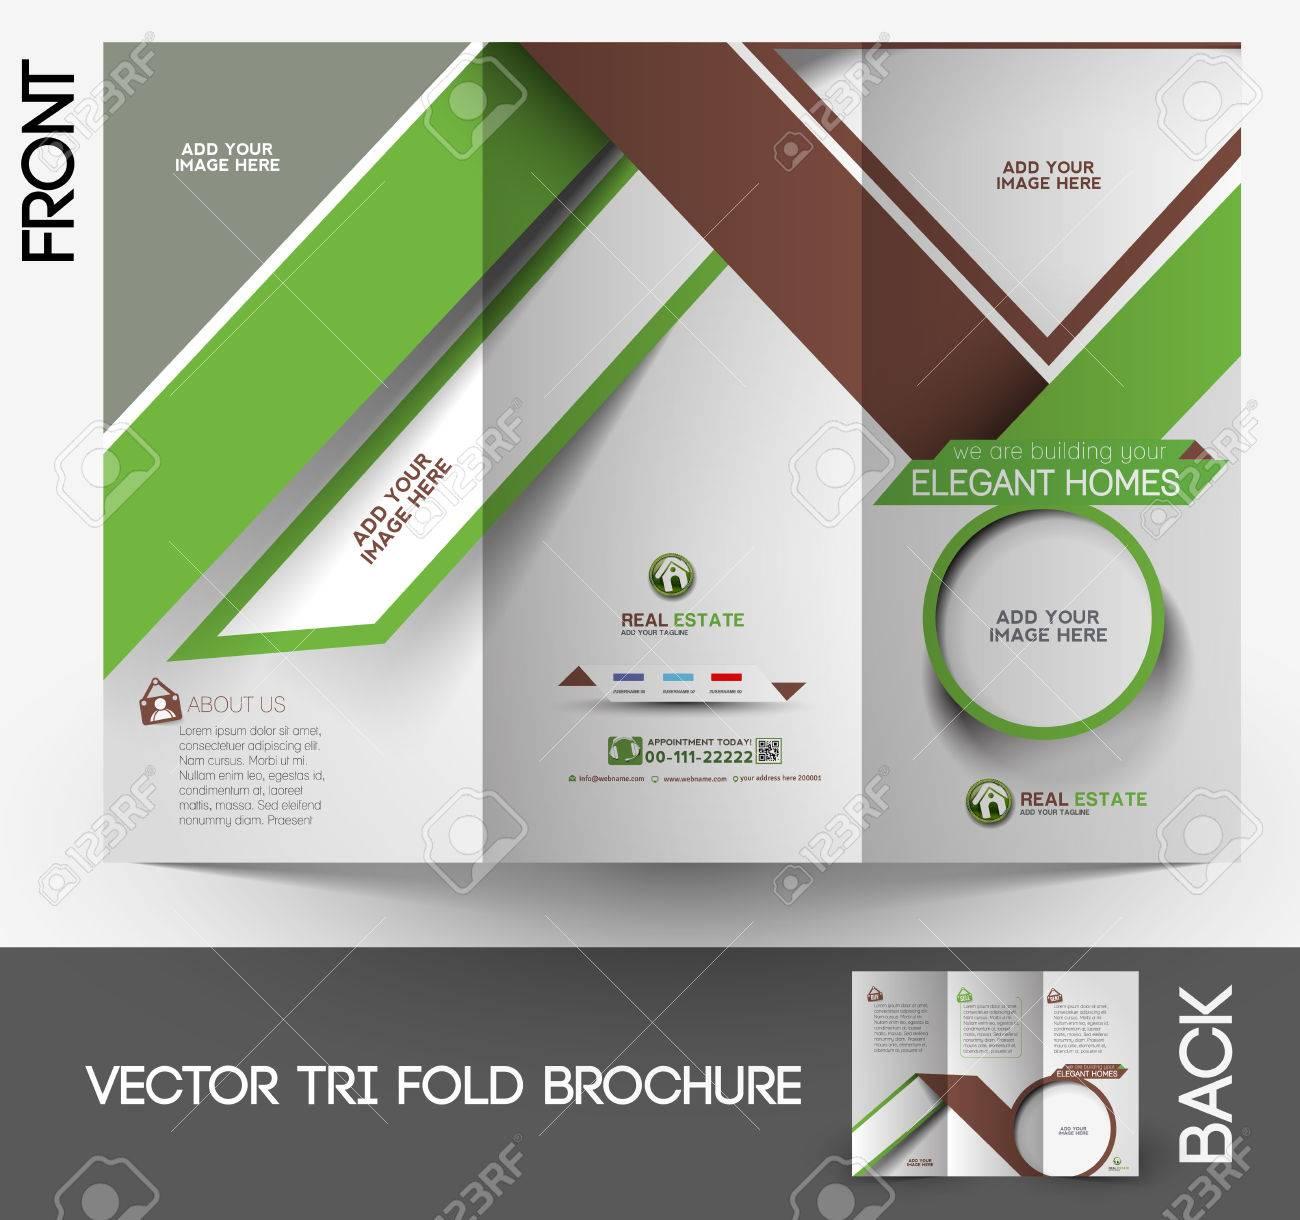 real estate flyer stock vector illustration and royalty real estate flyer real estate agent tri fold mock up brochure design